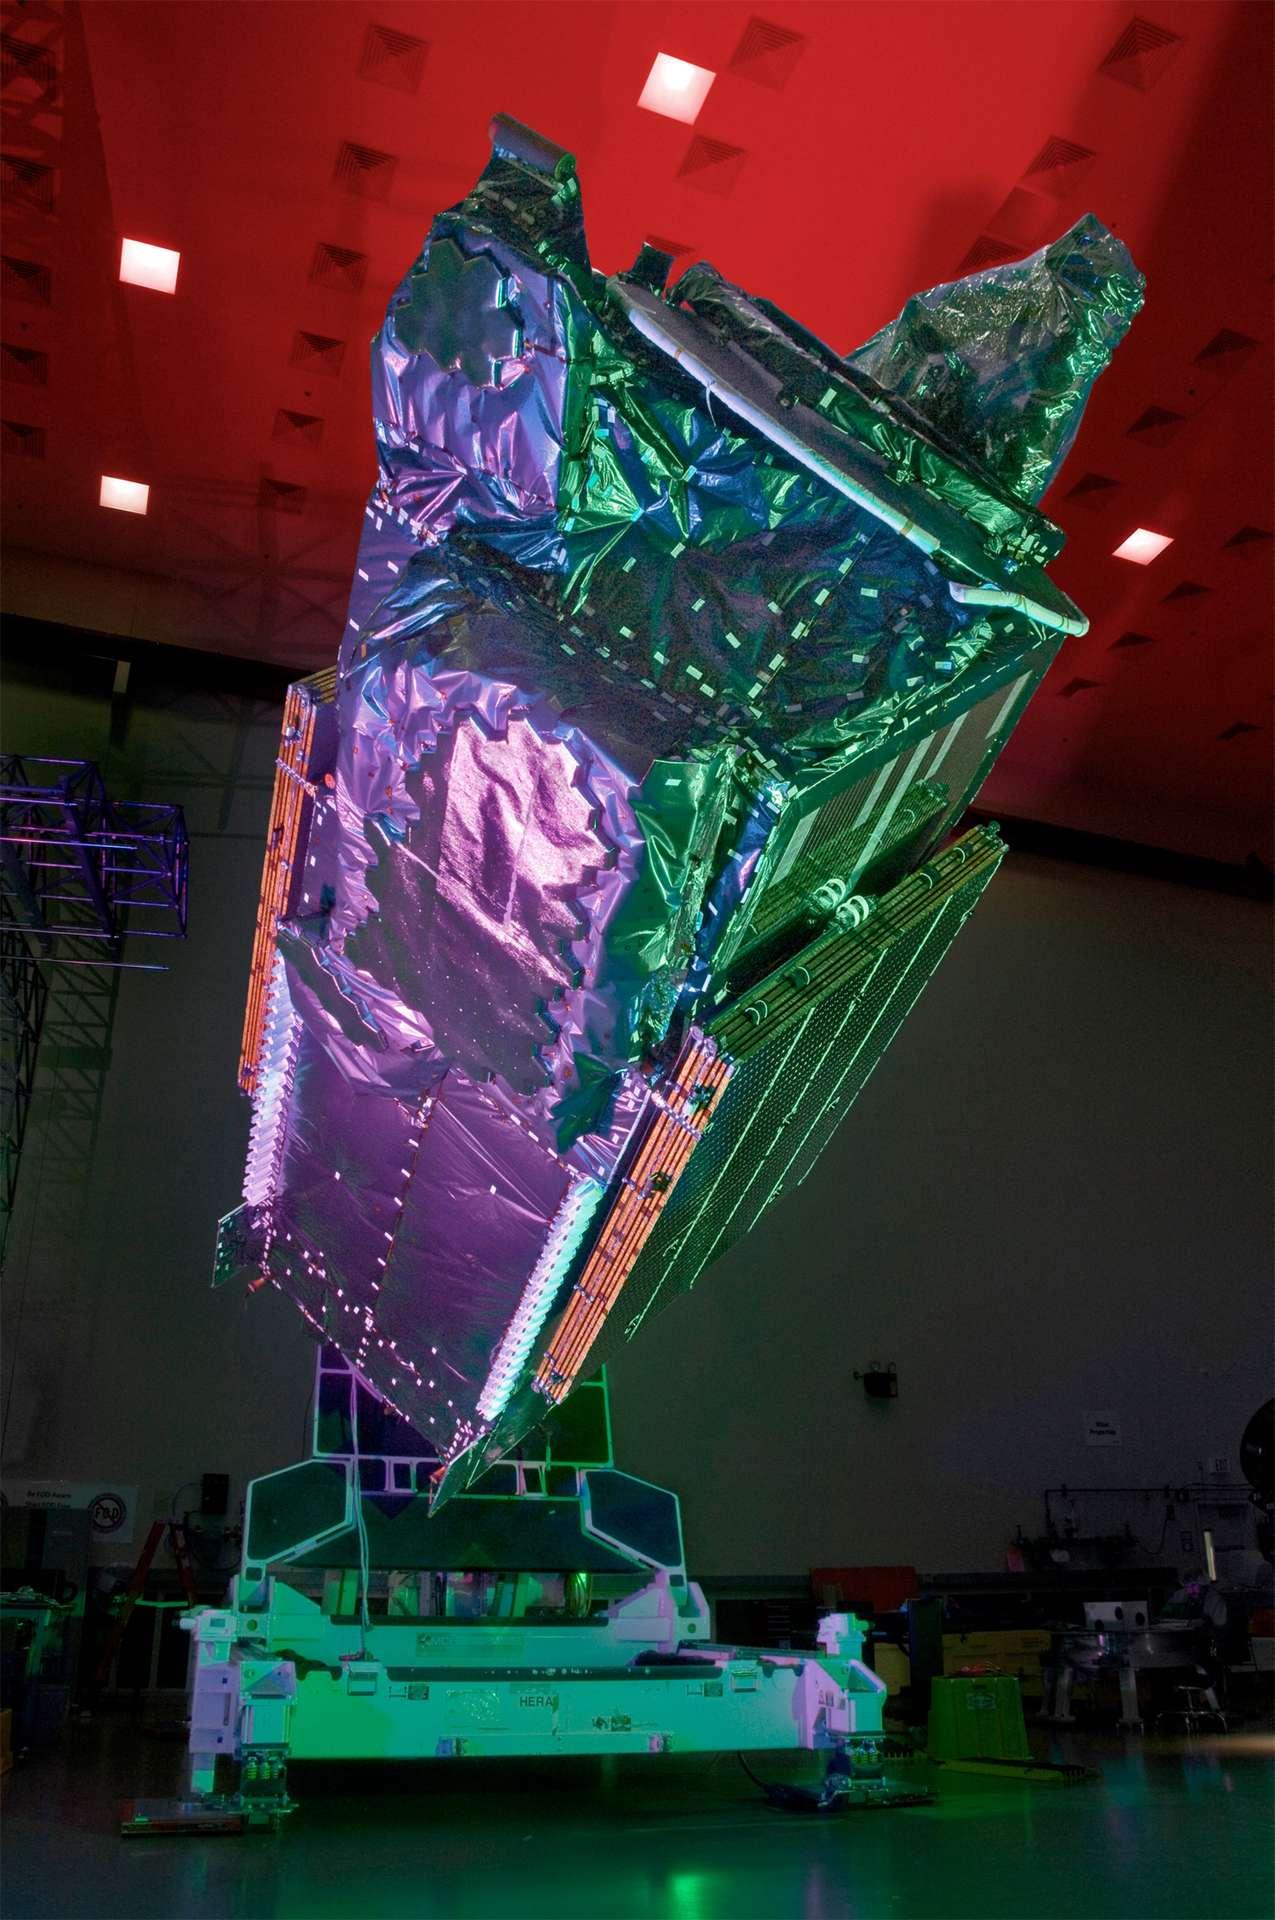 Le satellite TerreStar-1 pourrait favoriser l'accès à Internet dans des pays qui connaissent un très faible taux de pénétration de ce média. C'est le pari fait par l'organisation A human right qui veut racheter le satellite, le positionner au-dessus de la Papouasie-Nouvelle-Guinée et fournir un service gratuit. © Space Systems/Loral